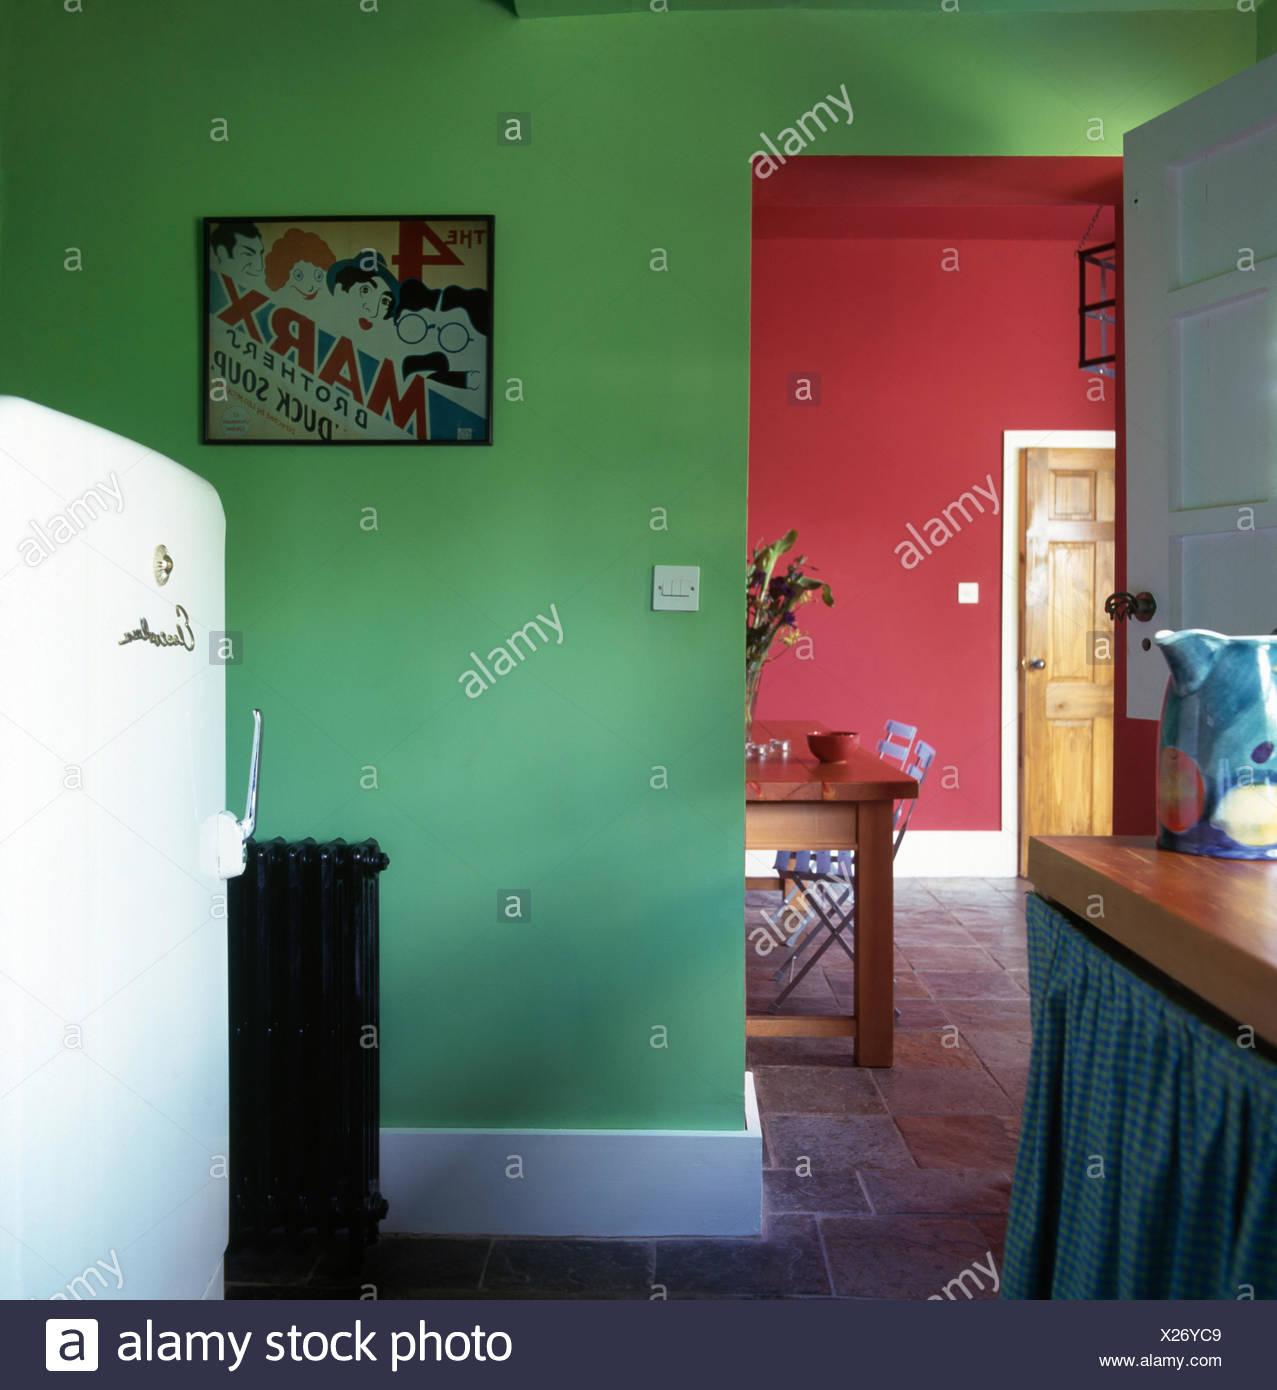 Grande frigorifero in un colore verde brillante cucina con porta a un rosso sala da pranzo Immagini Stock